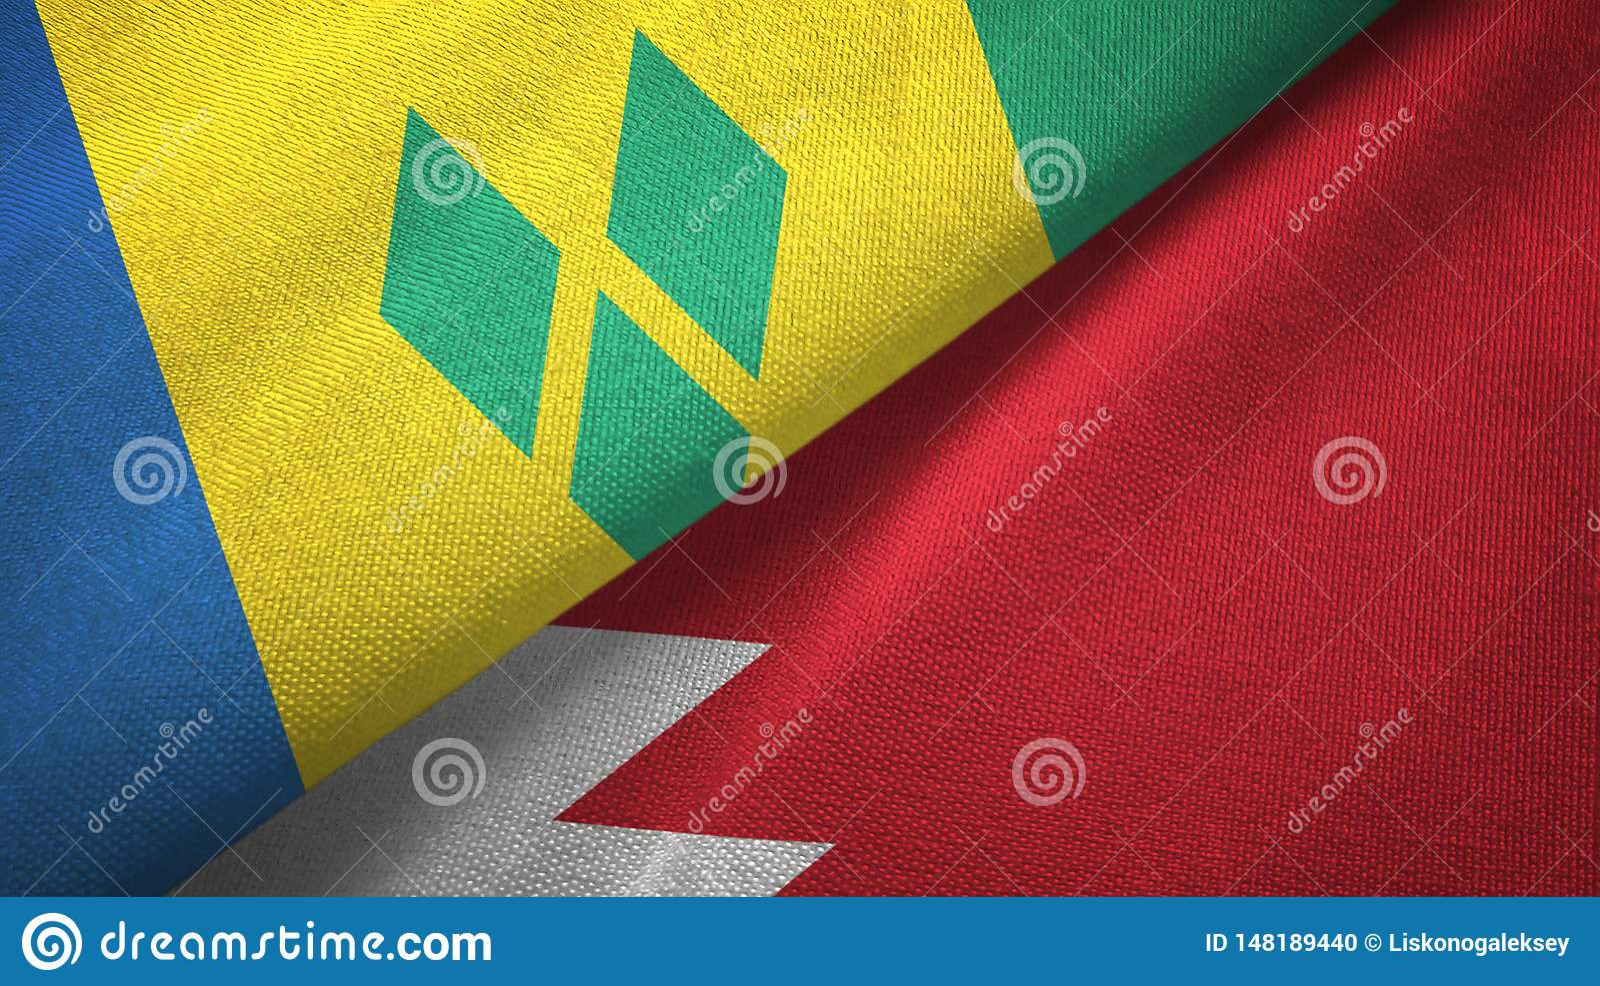 Άγιος Βικέντιος και Γρεναδίνες και Μπαχρέιν δύο σημαίες